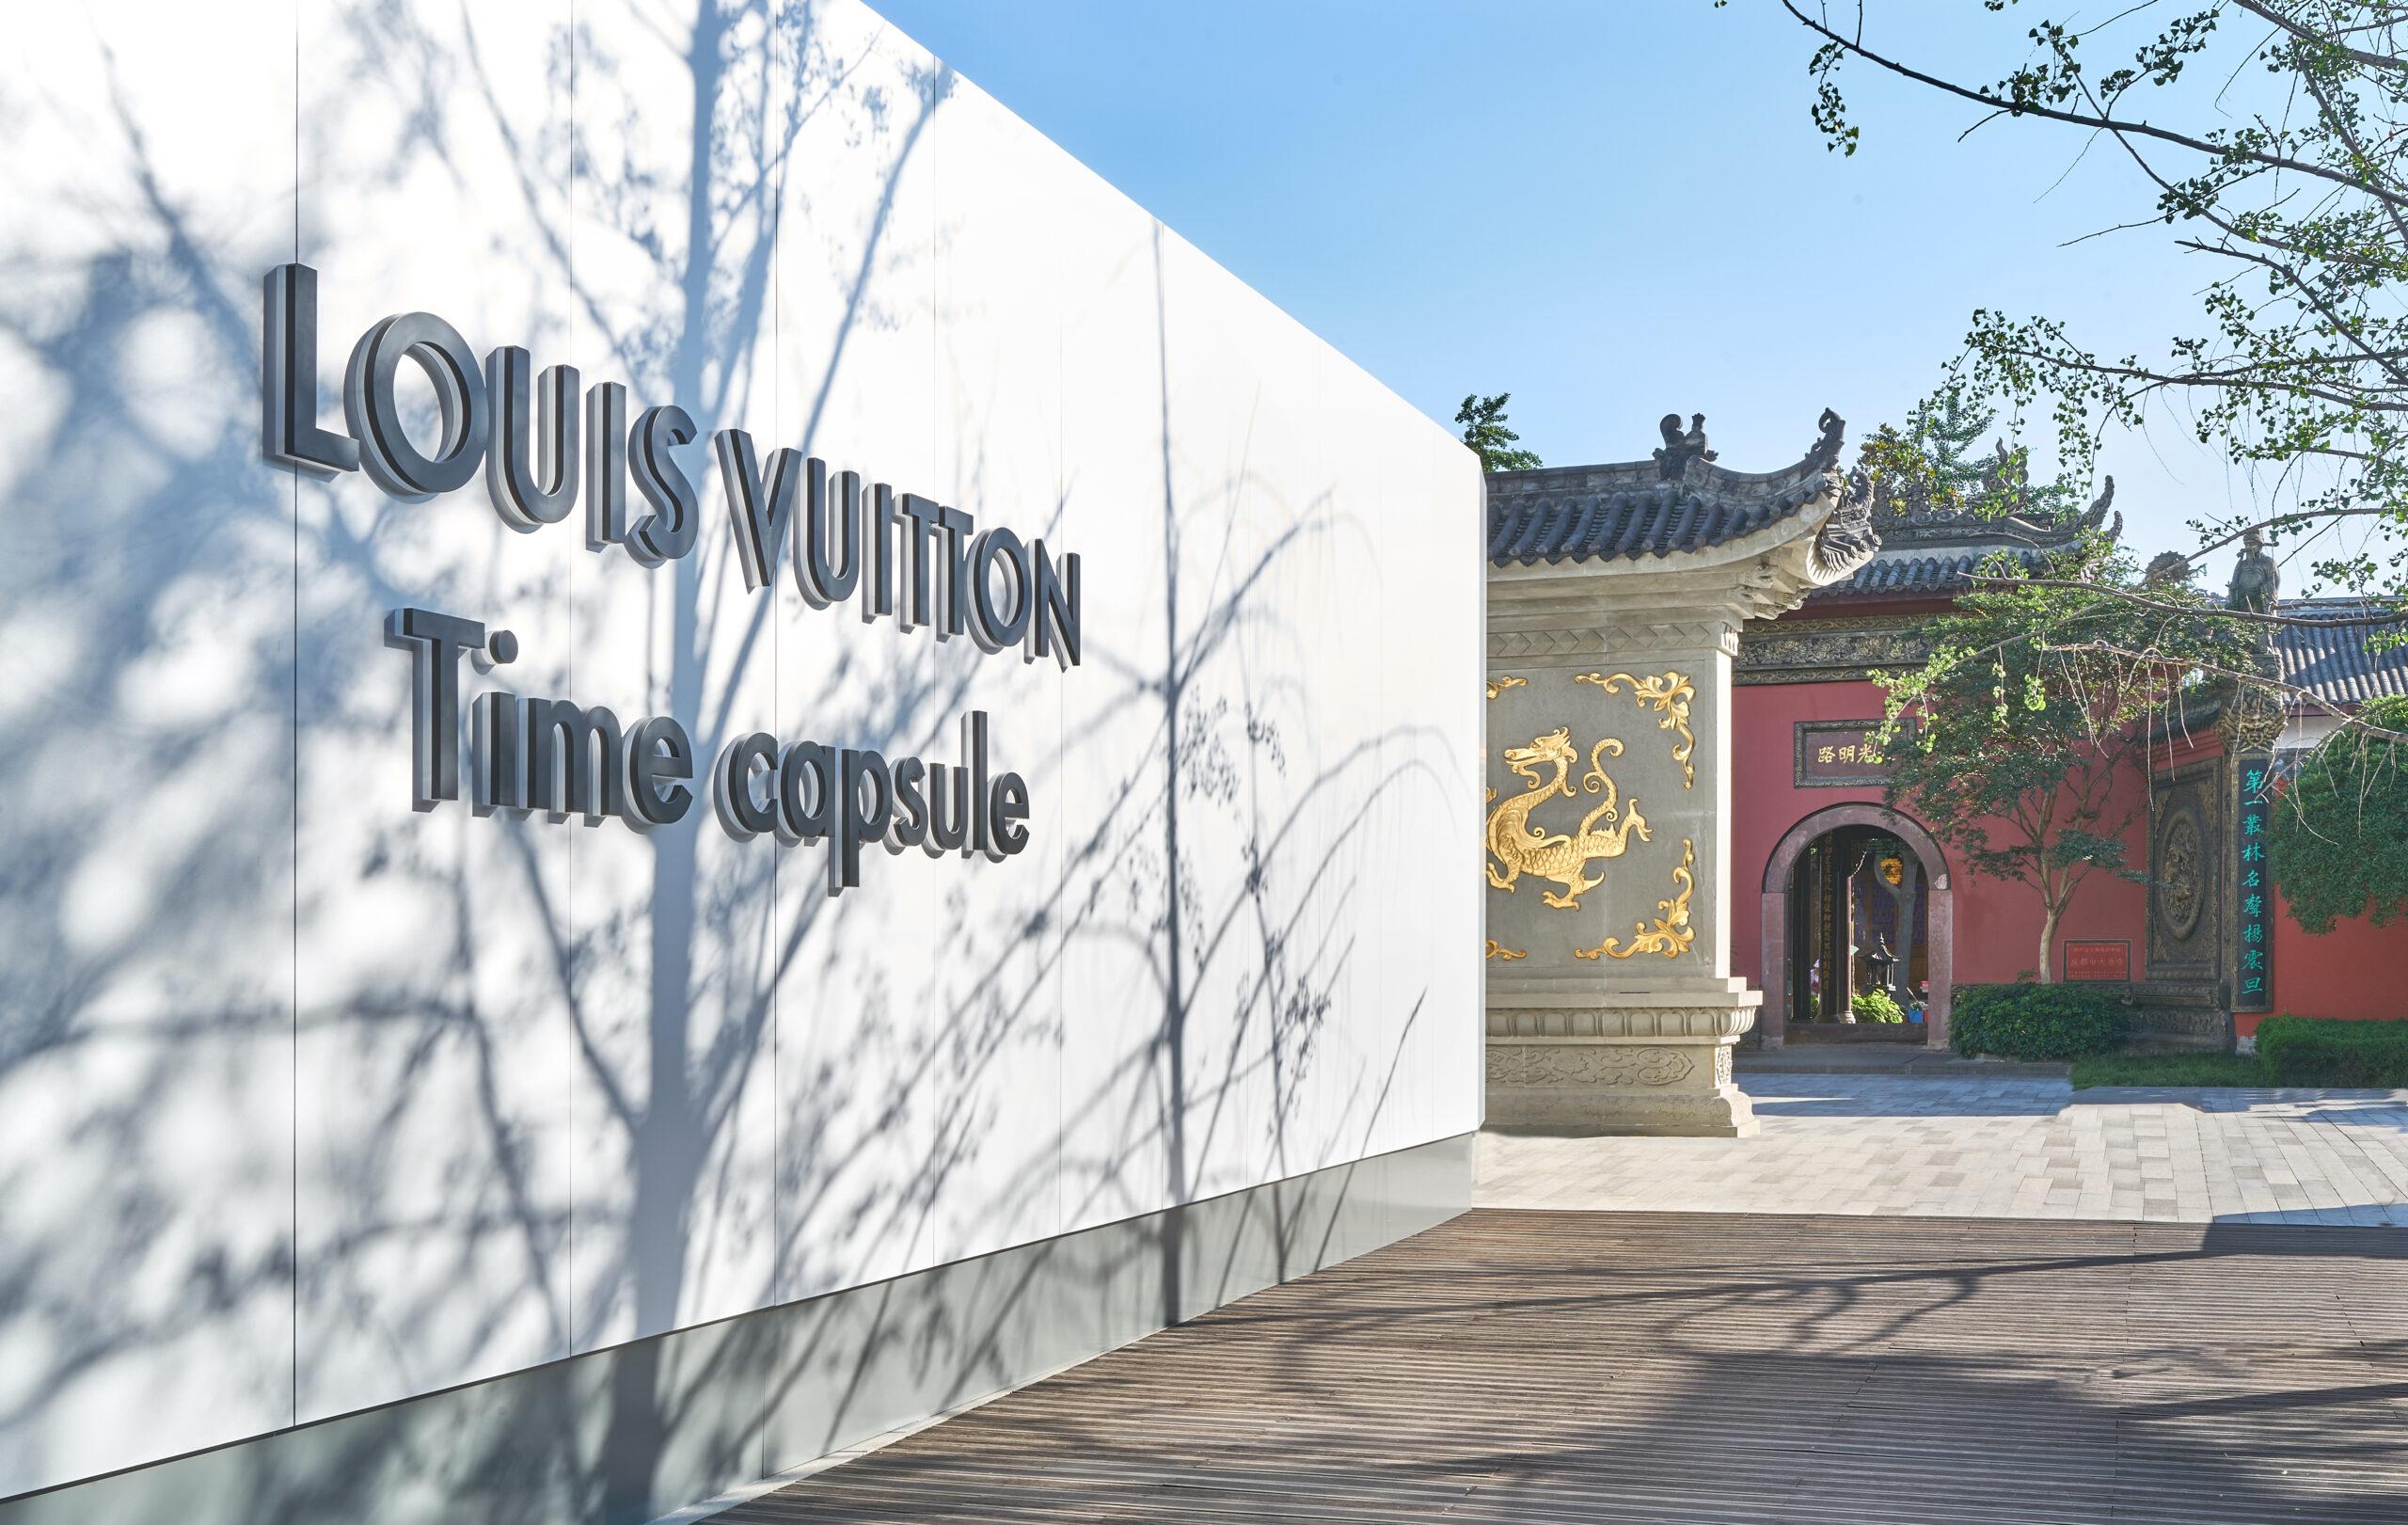 Louis Vuitton Time Capsule Exhibition June 6th – Jul 14th Chengdu – 8